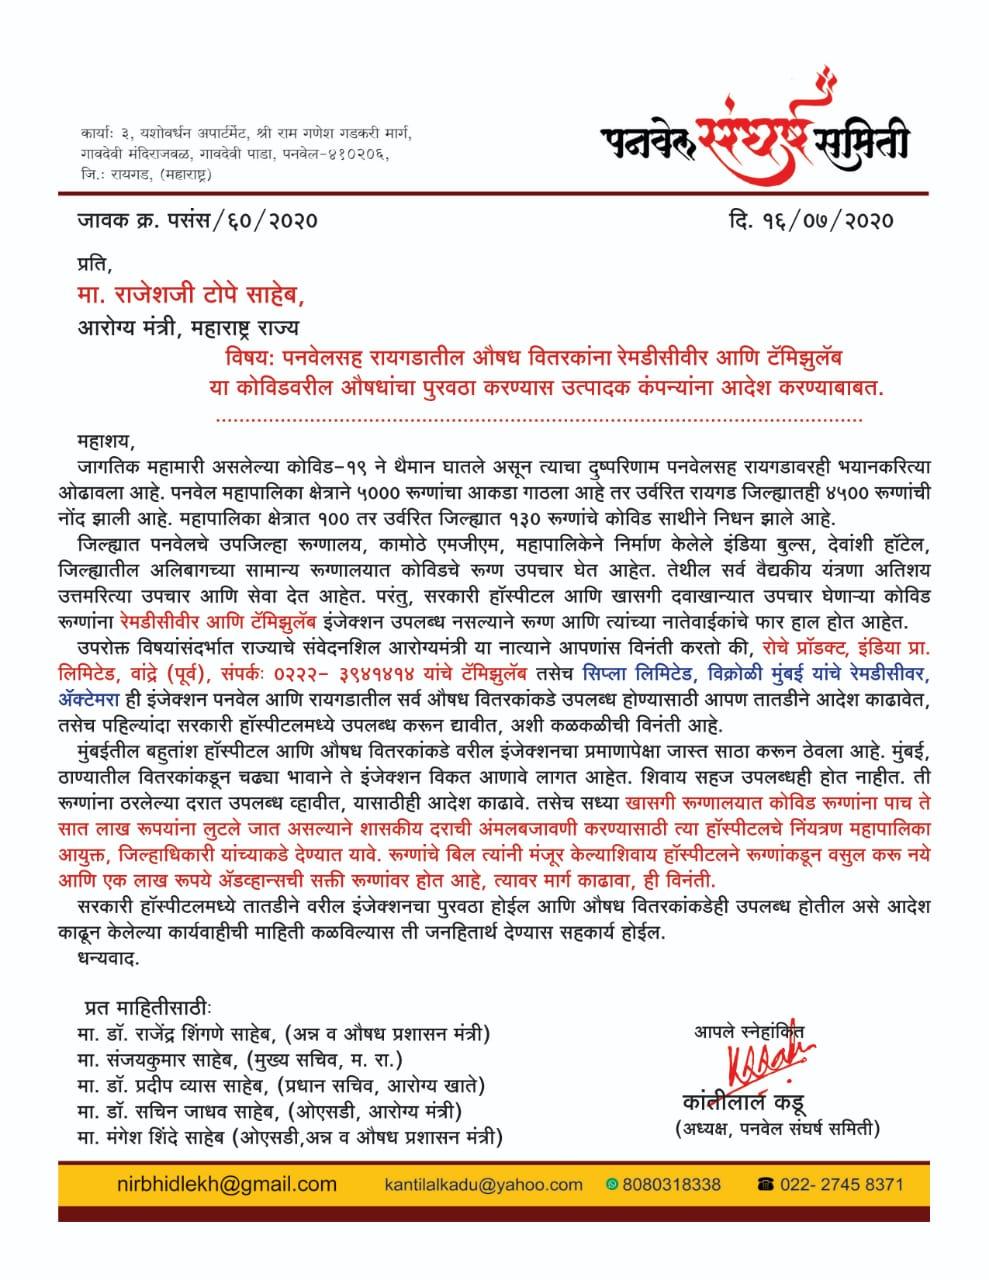 Adarsh Maharashtra | सरकारी हॉस्पीटलसह औषध वितरकांकडे कोविड इंजेक्शनचा पुरवठा करण्यासाठी...